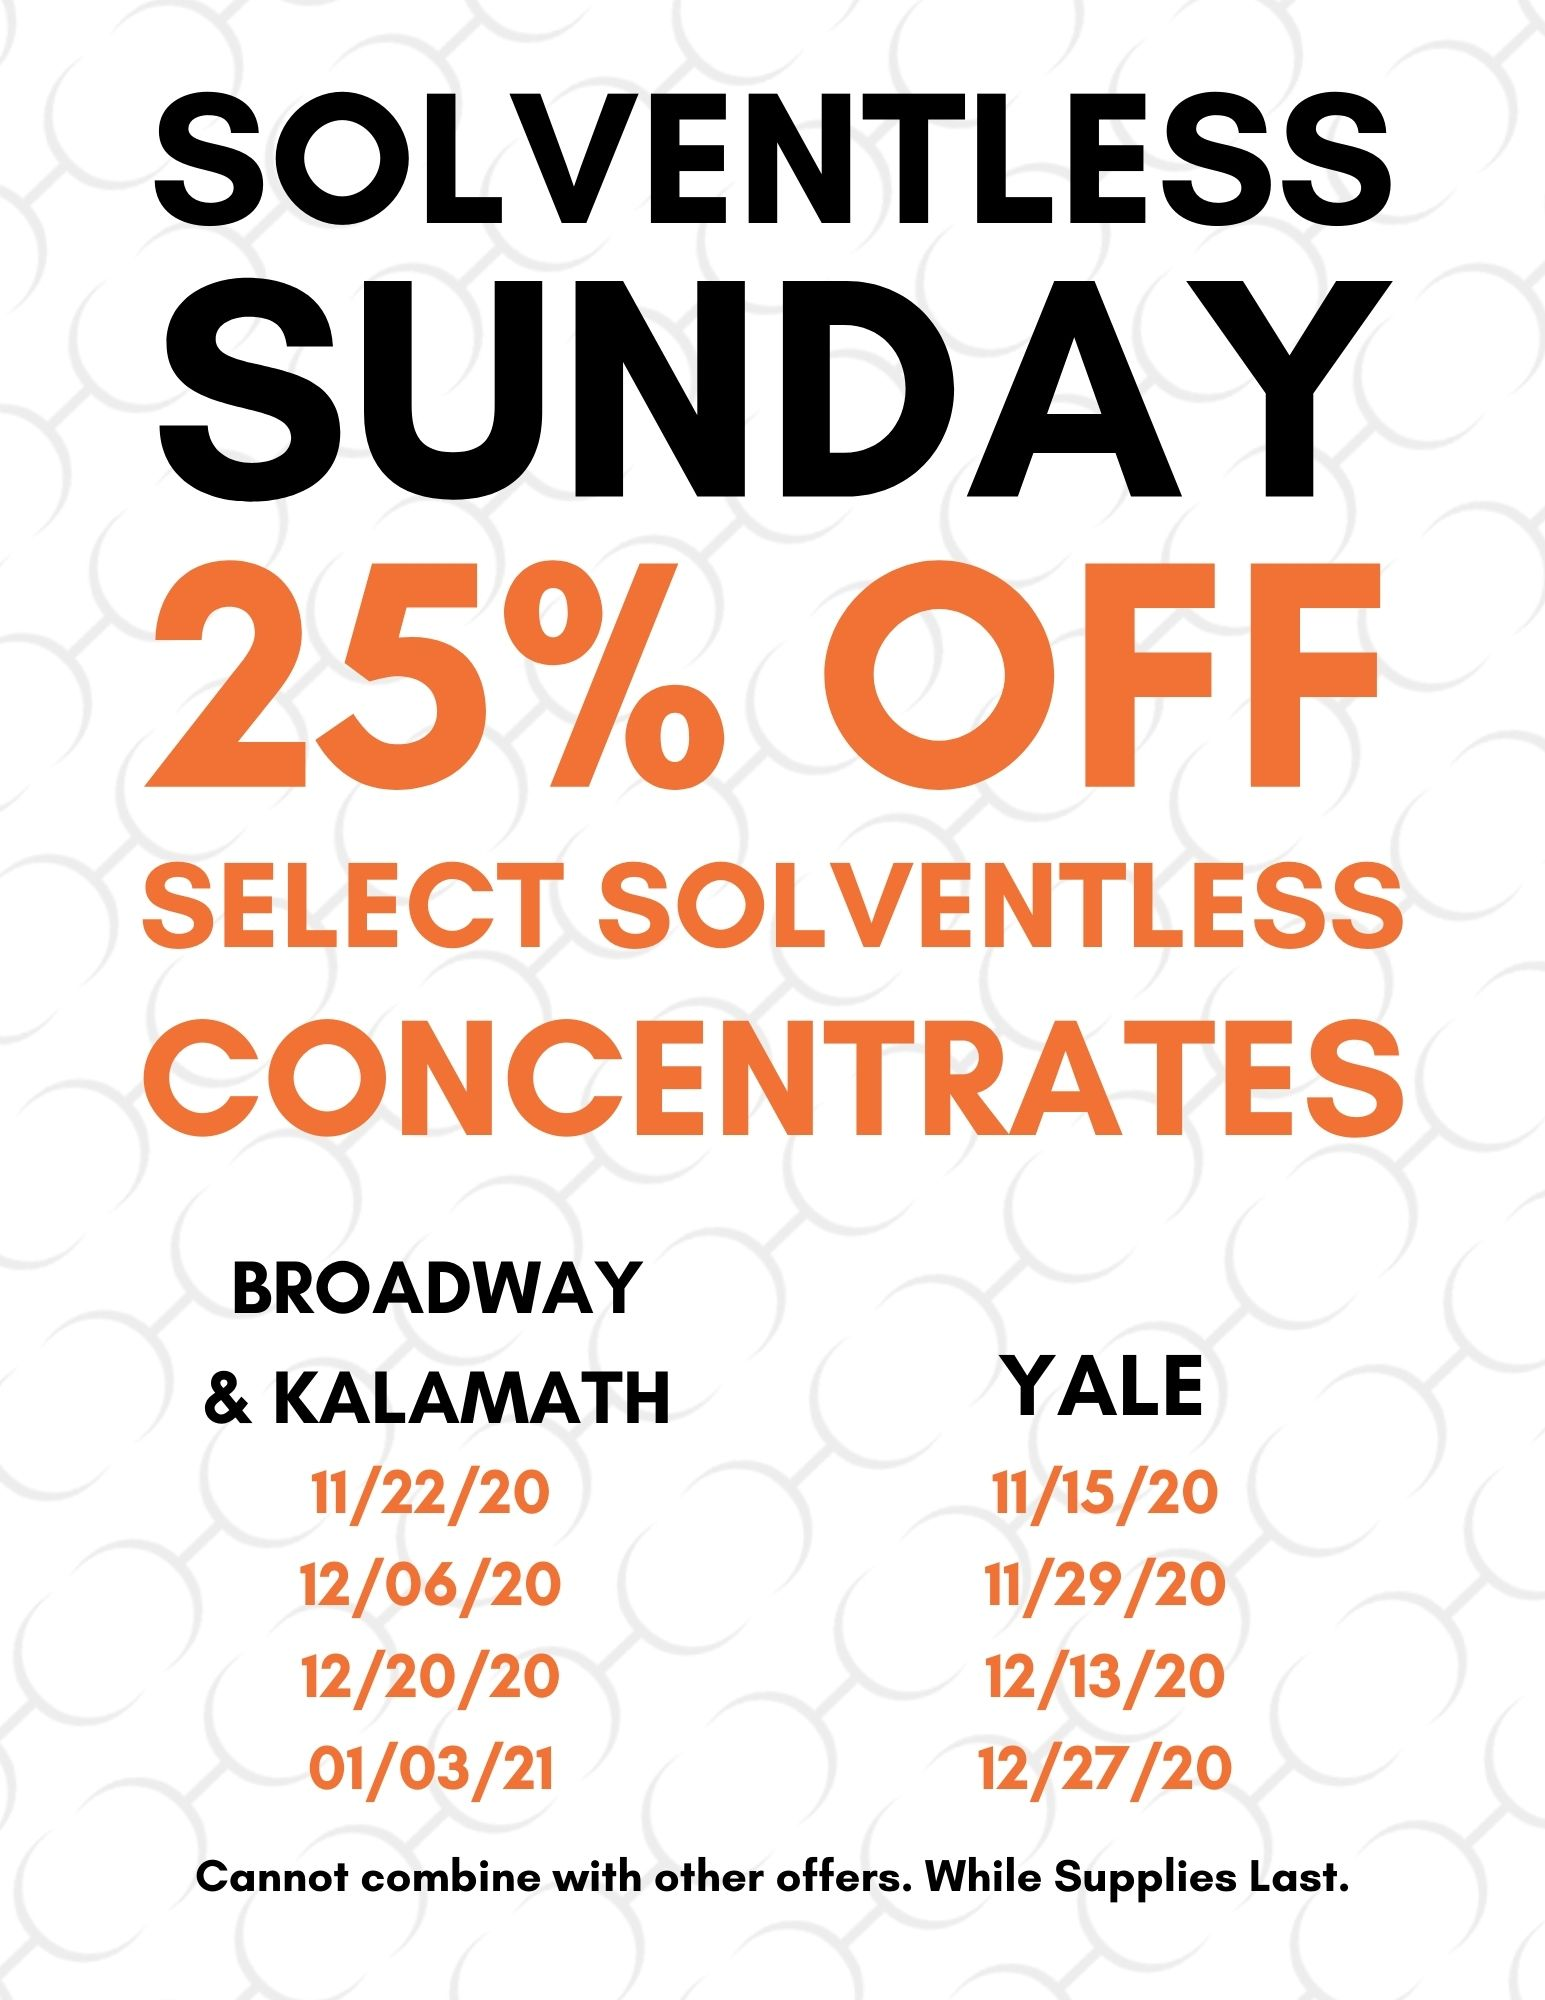 Solventless Sunday Schedule 11.09.20